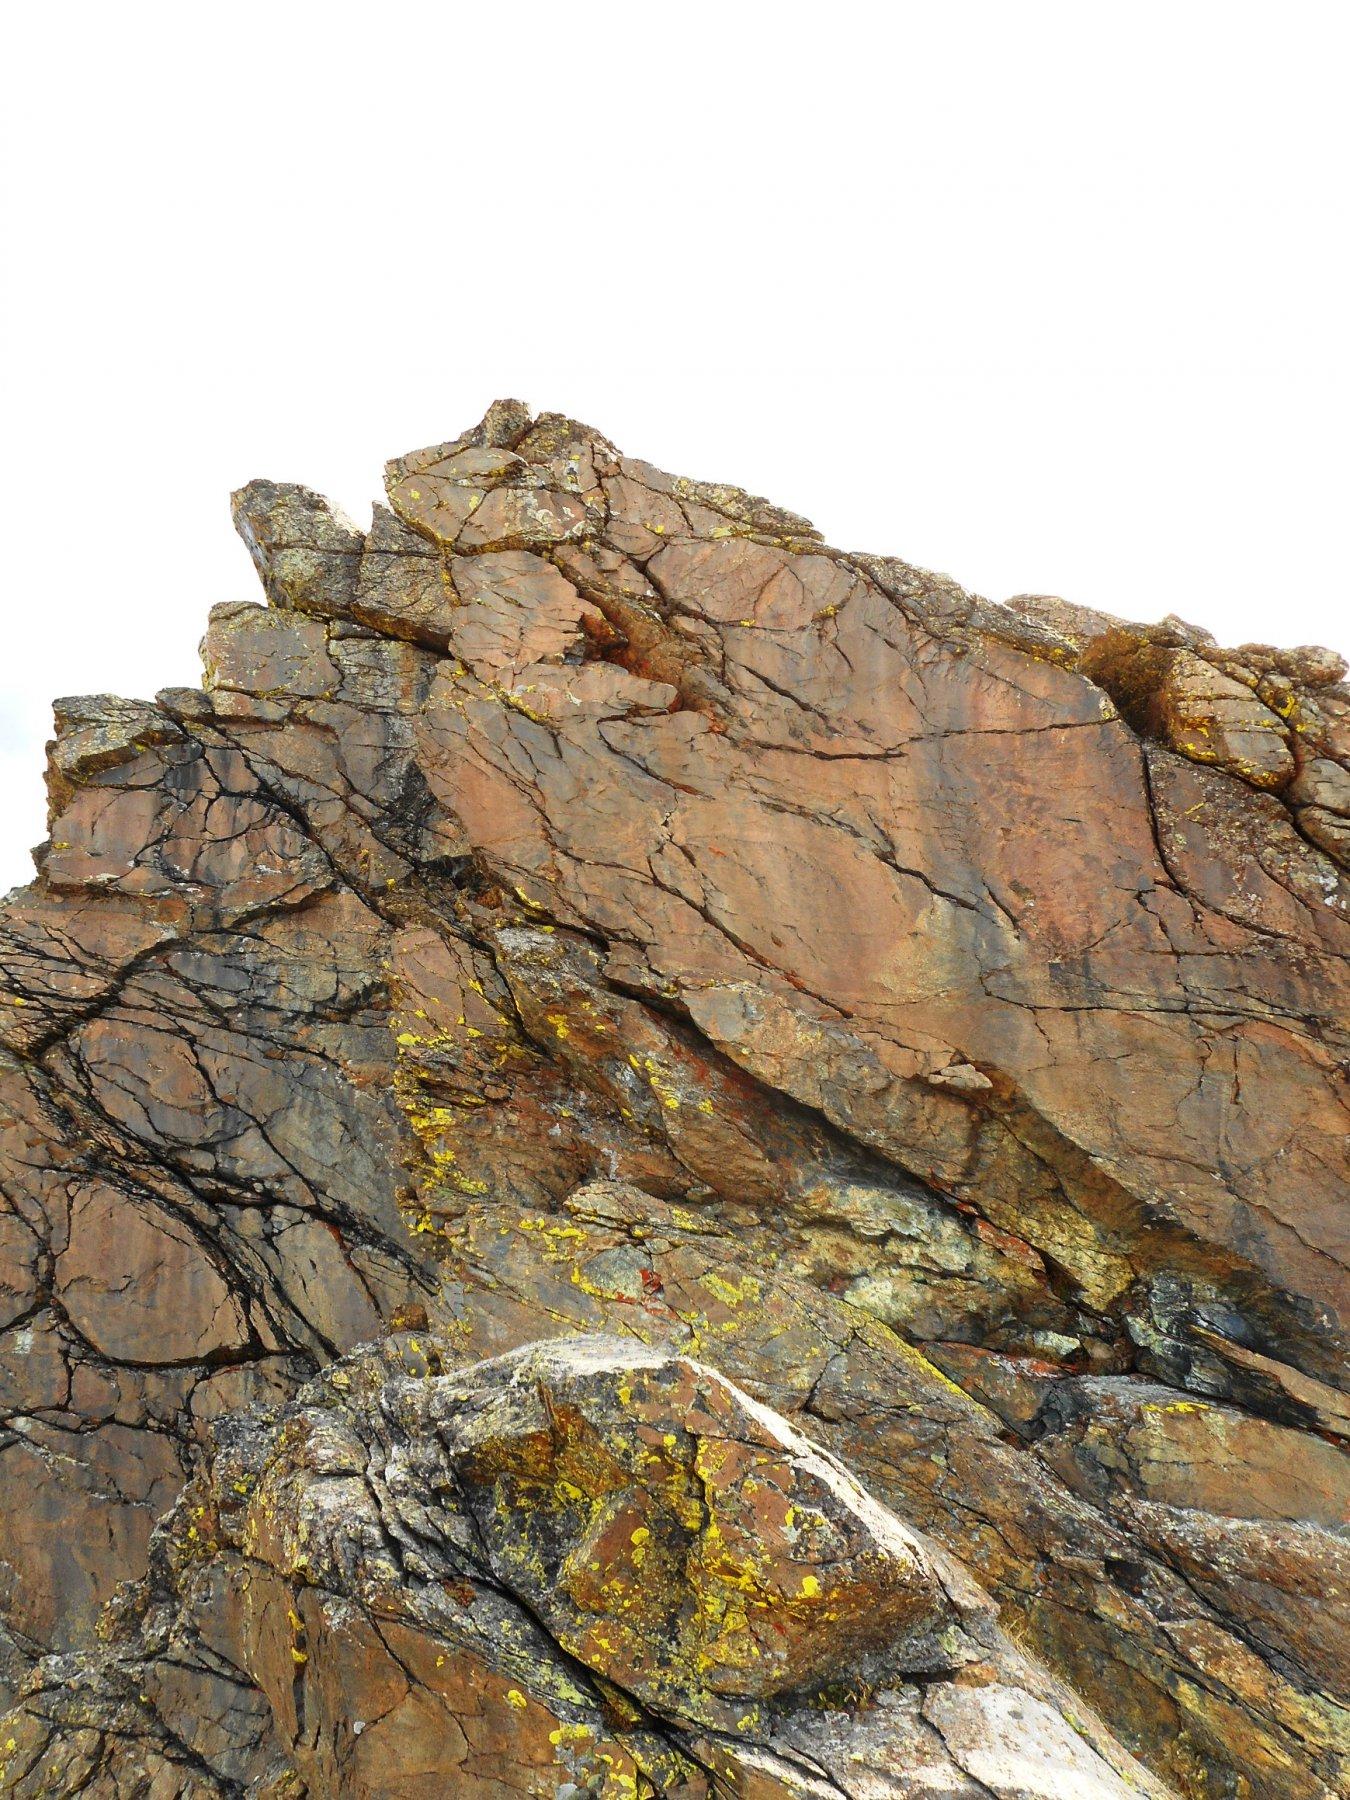 la placca verticale finale (il camino che la evita è dietro lo spigolo di sx col lichene giallo)